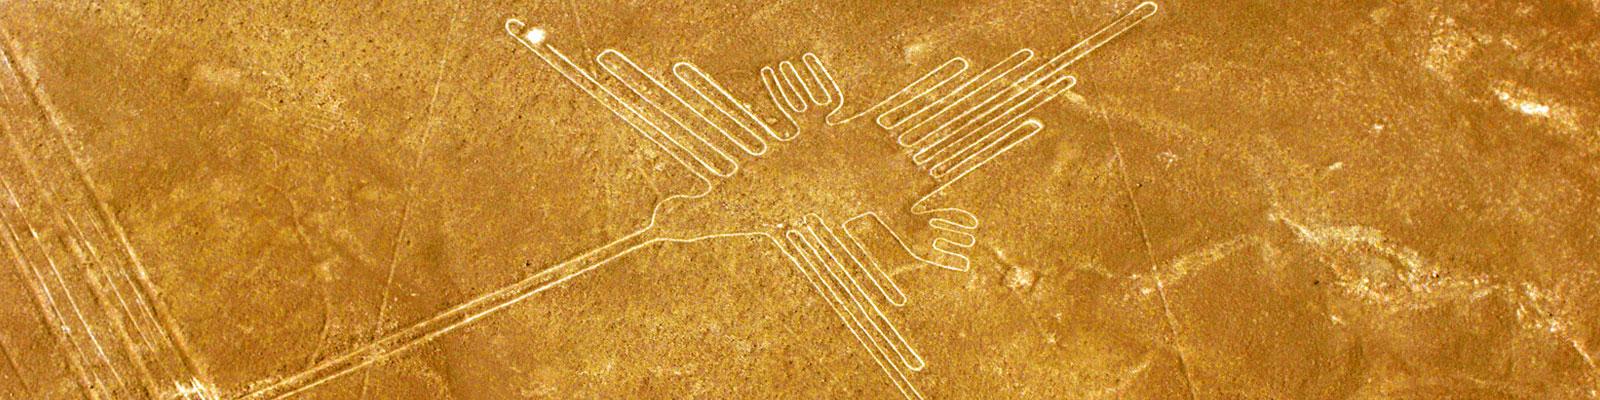 Linhas de Nazca / Peru (Fonte: http://www.peru.travel/)